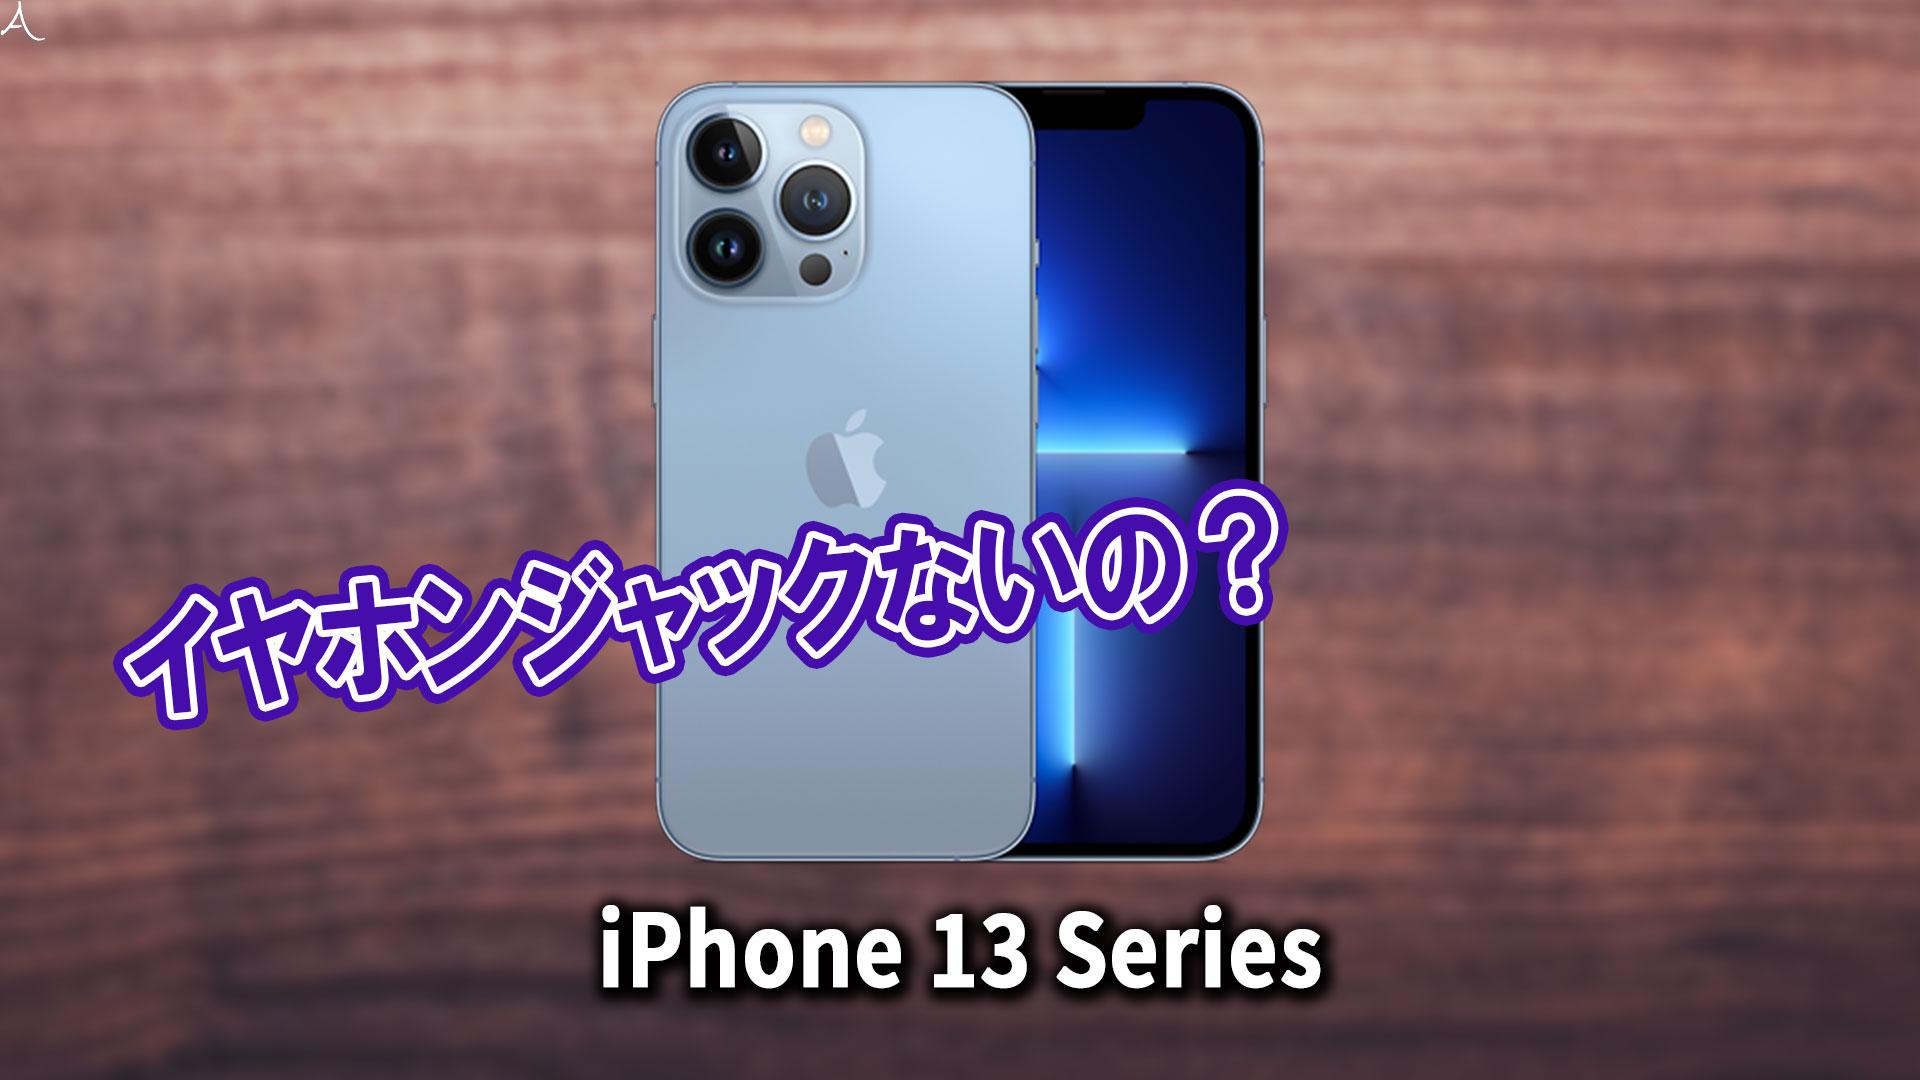 「iPhone 13」はイヤホンジャックない?有線イヤホンは使えない?